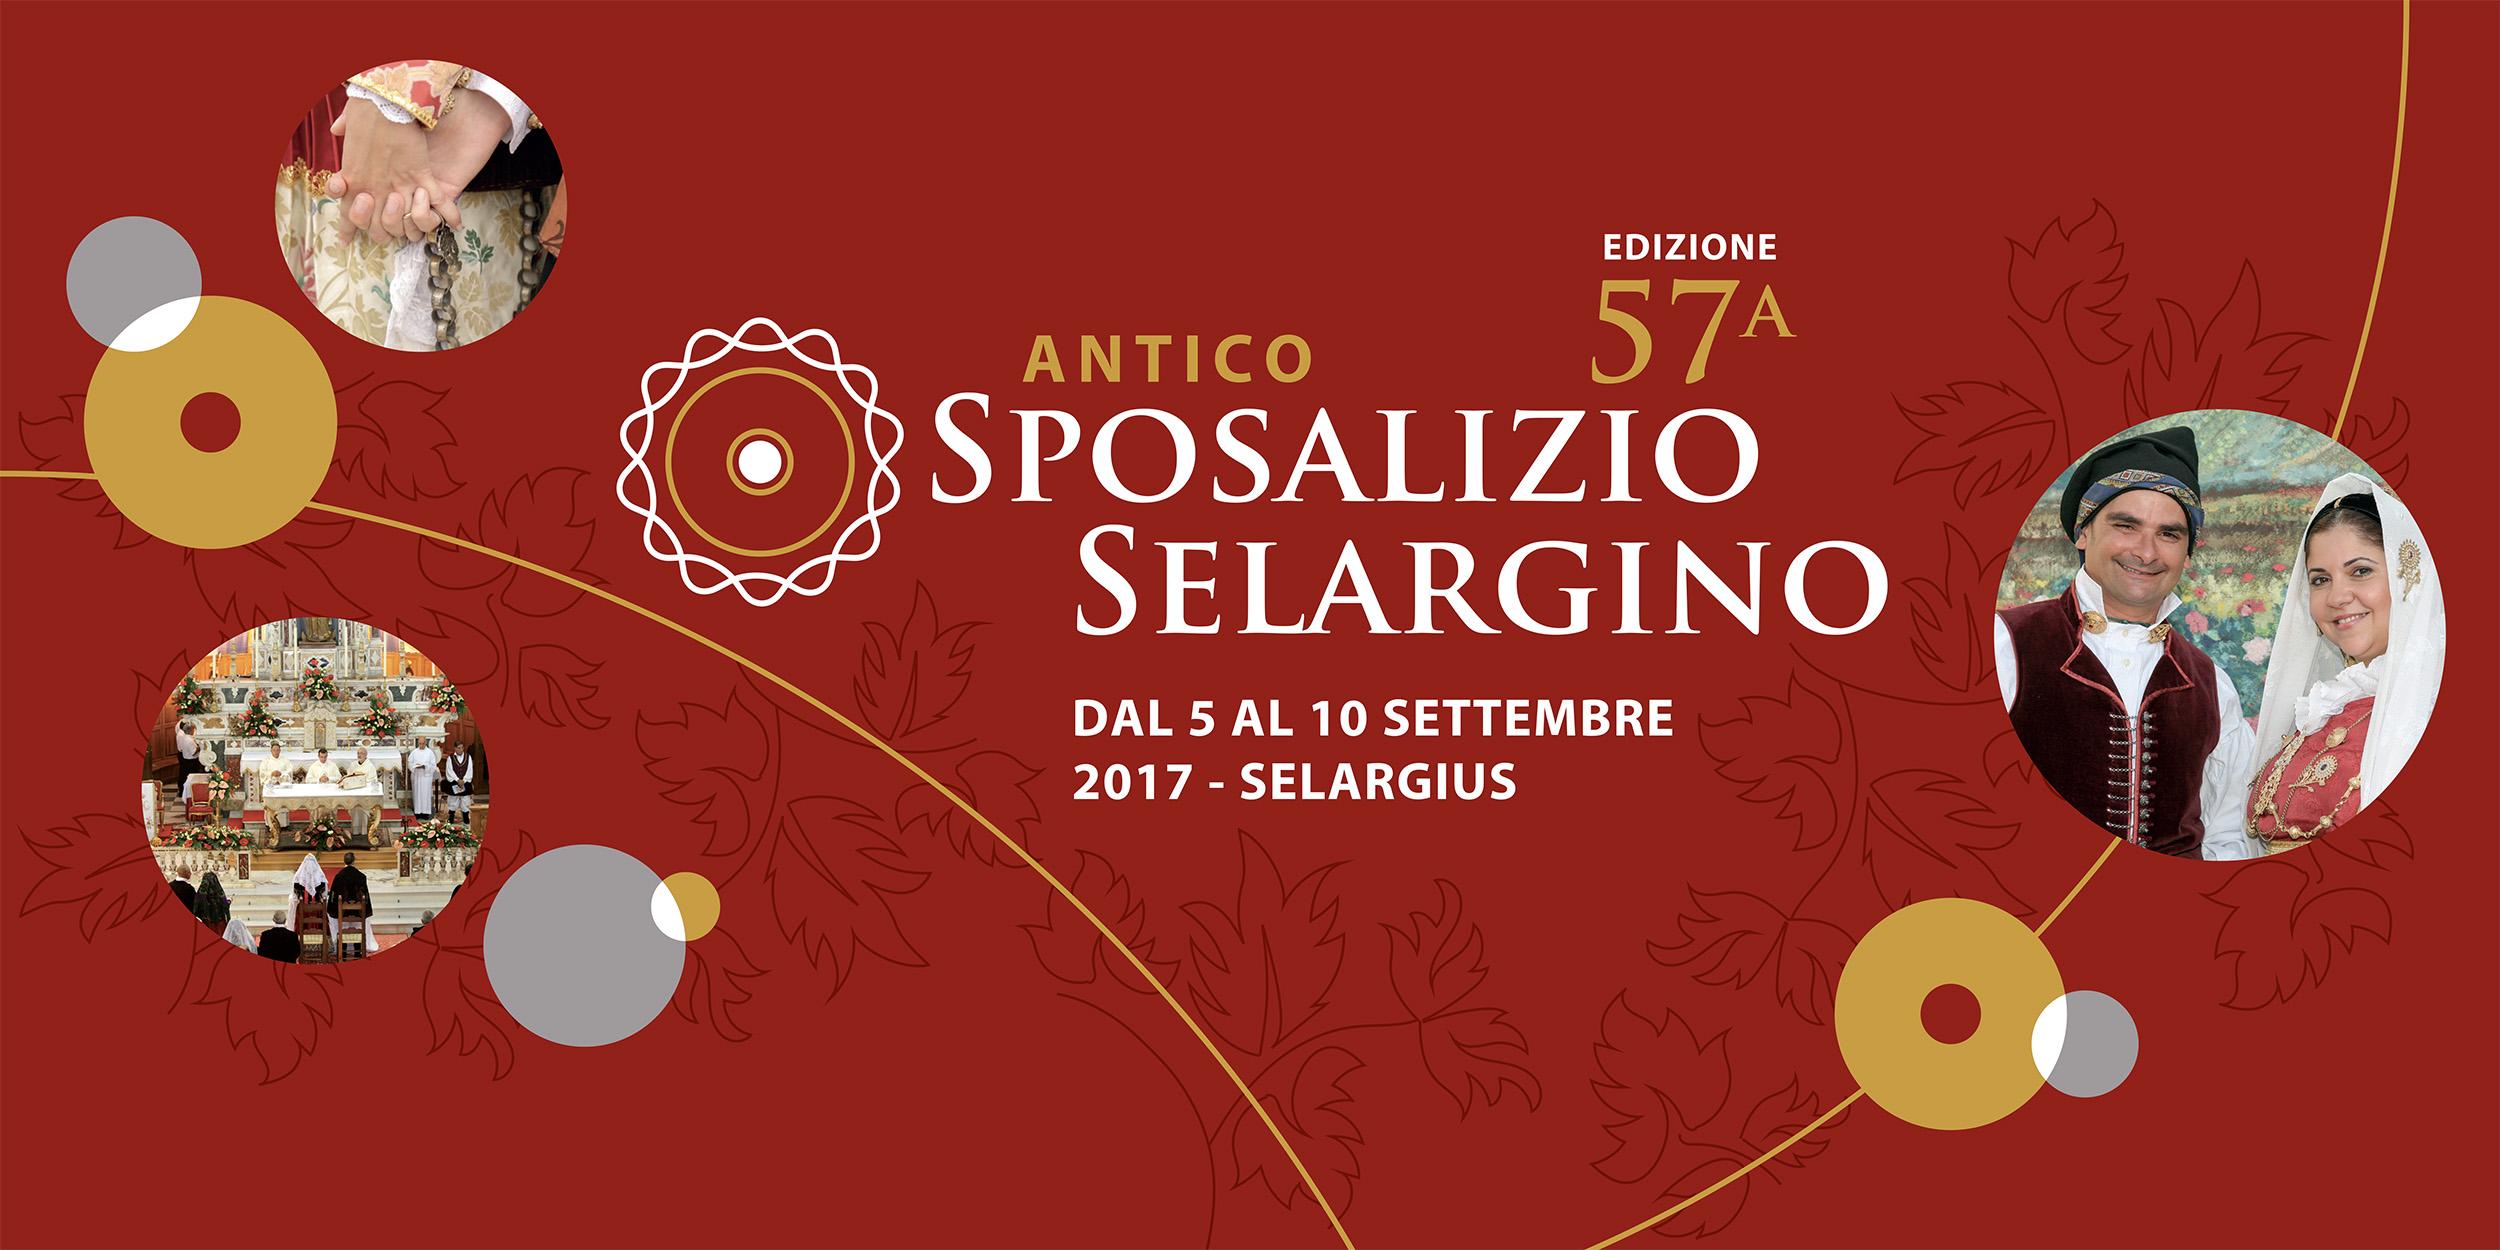 Programma Antico Sposalizio Selargino 2017